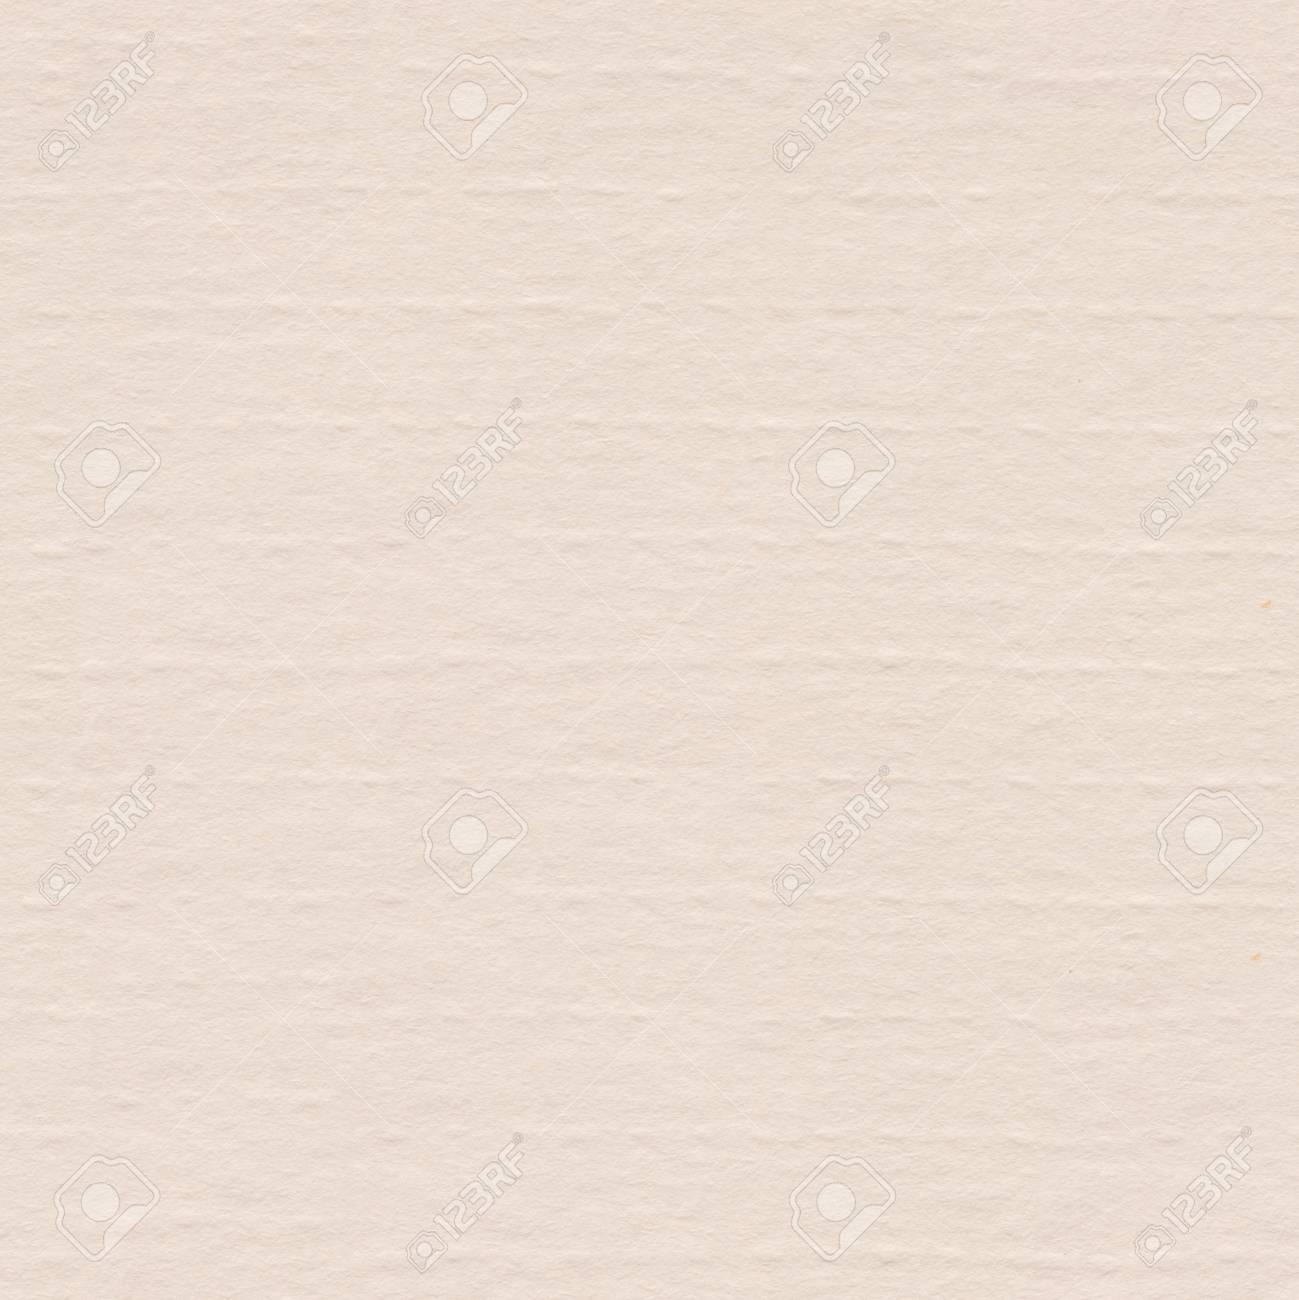 Periódico Beige Claro Textura Papel En Blanco Viejo Patrón De La